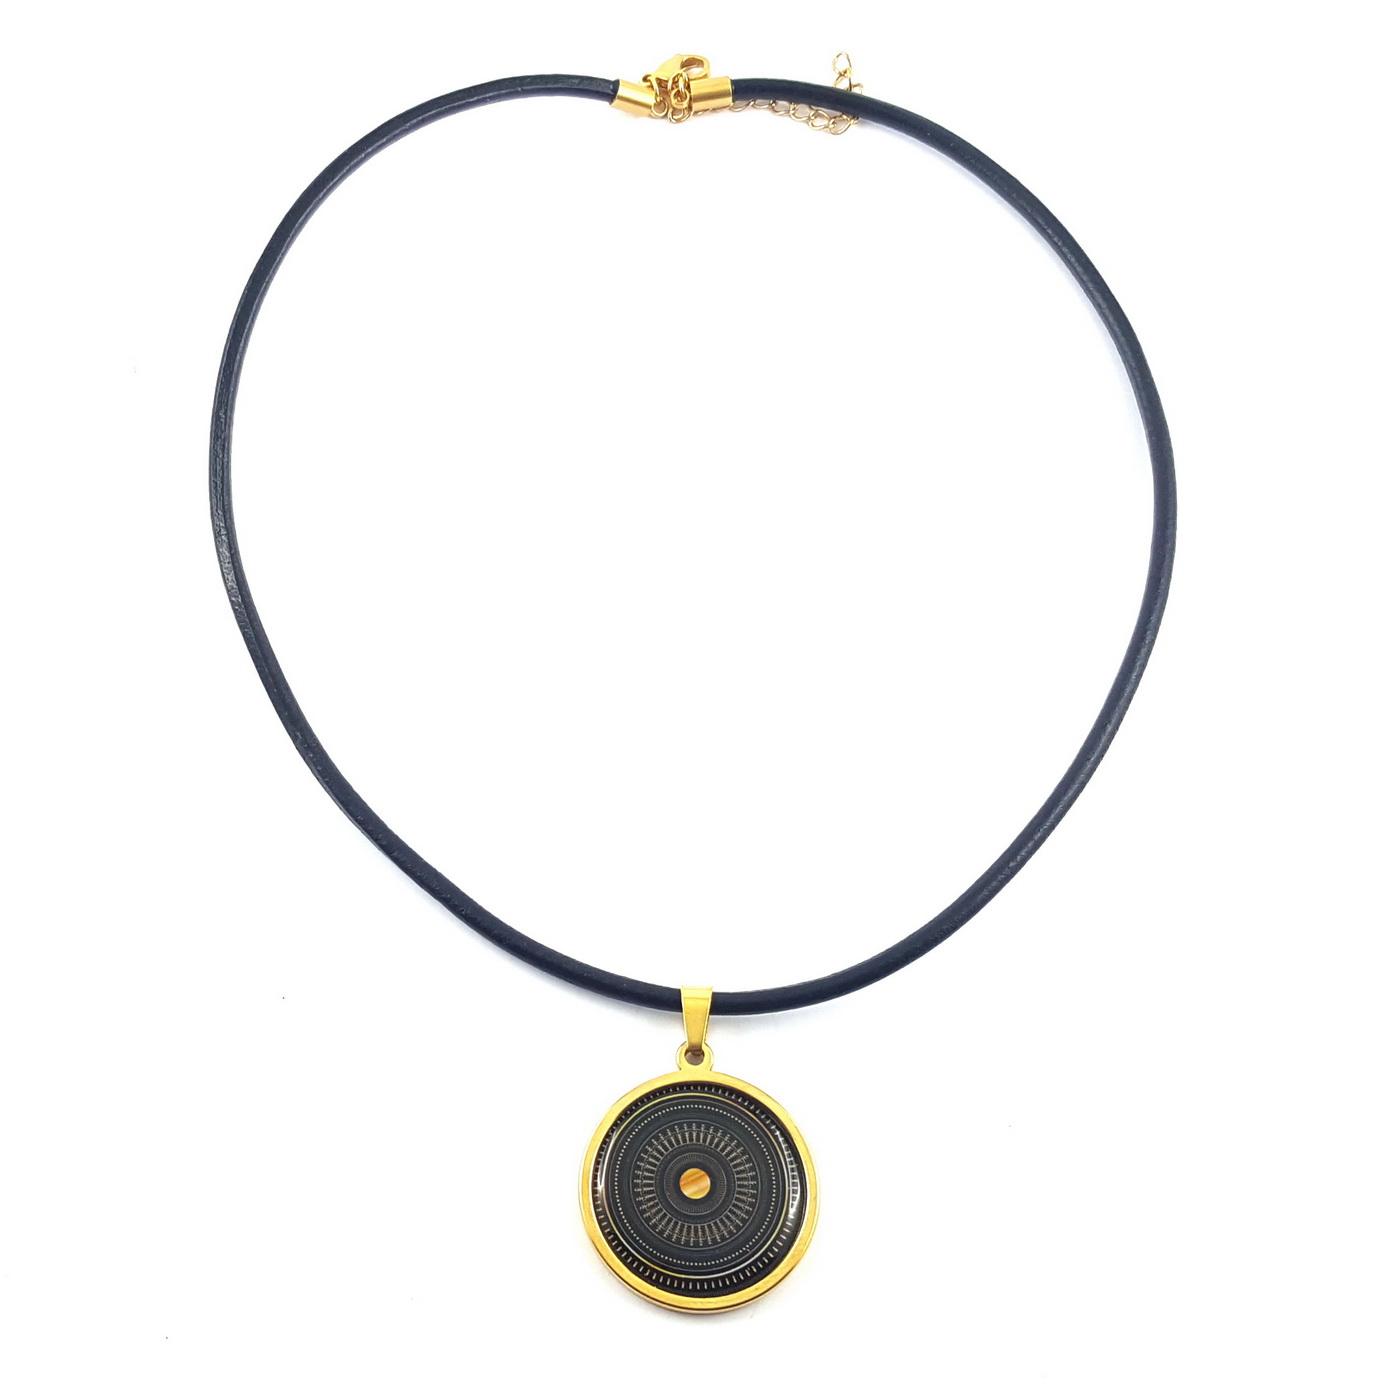 Collier doré et noire art deco - identites bijoux